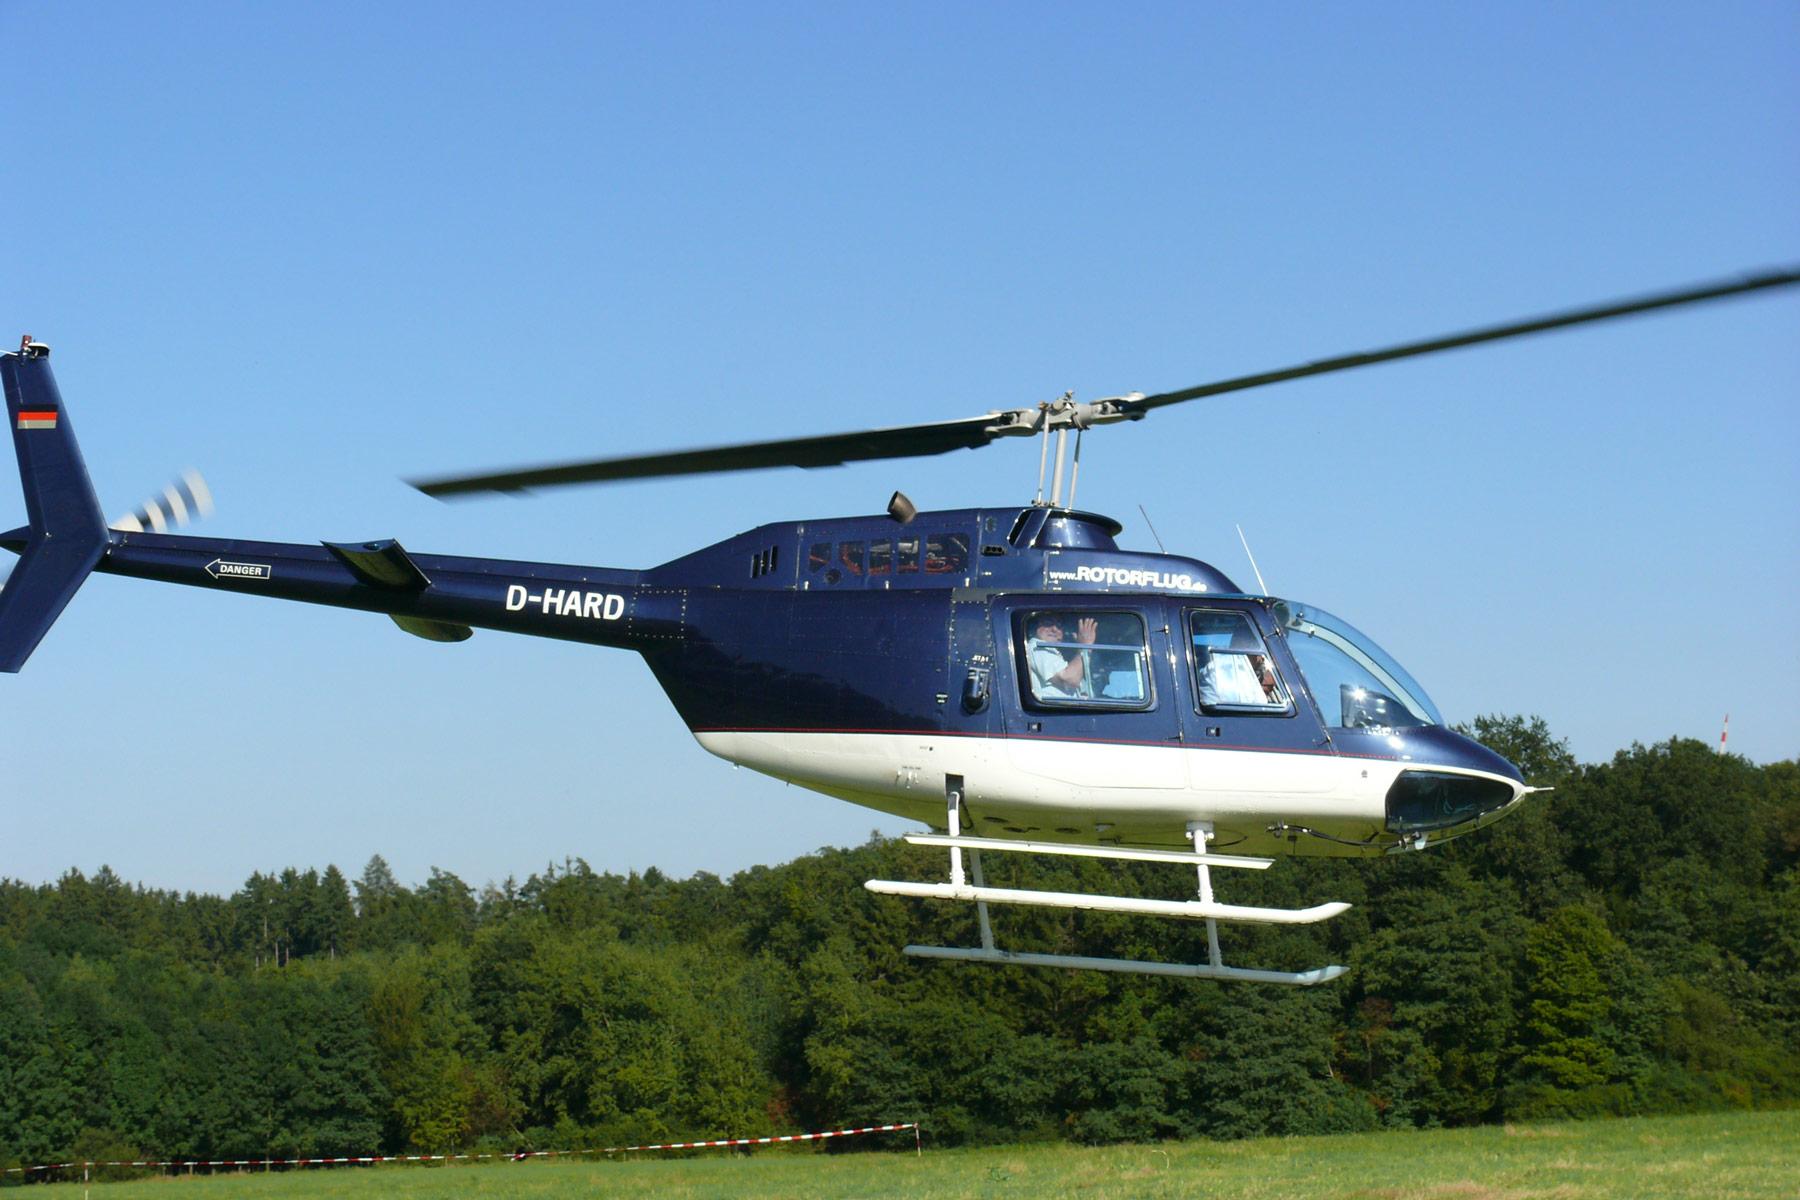 hubschrauber rundfl ge deutschland rotorflug airservices gmbh co kgaa. Black Bedroom Furniture Sets. Home Design Ideas